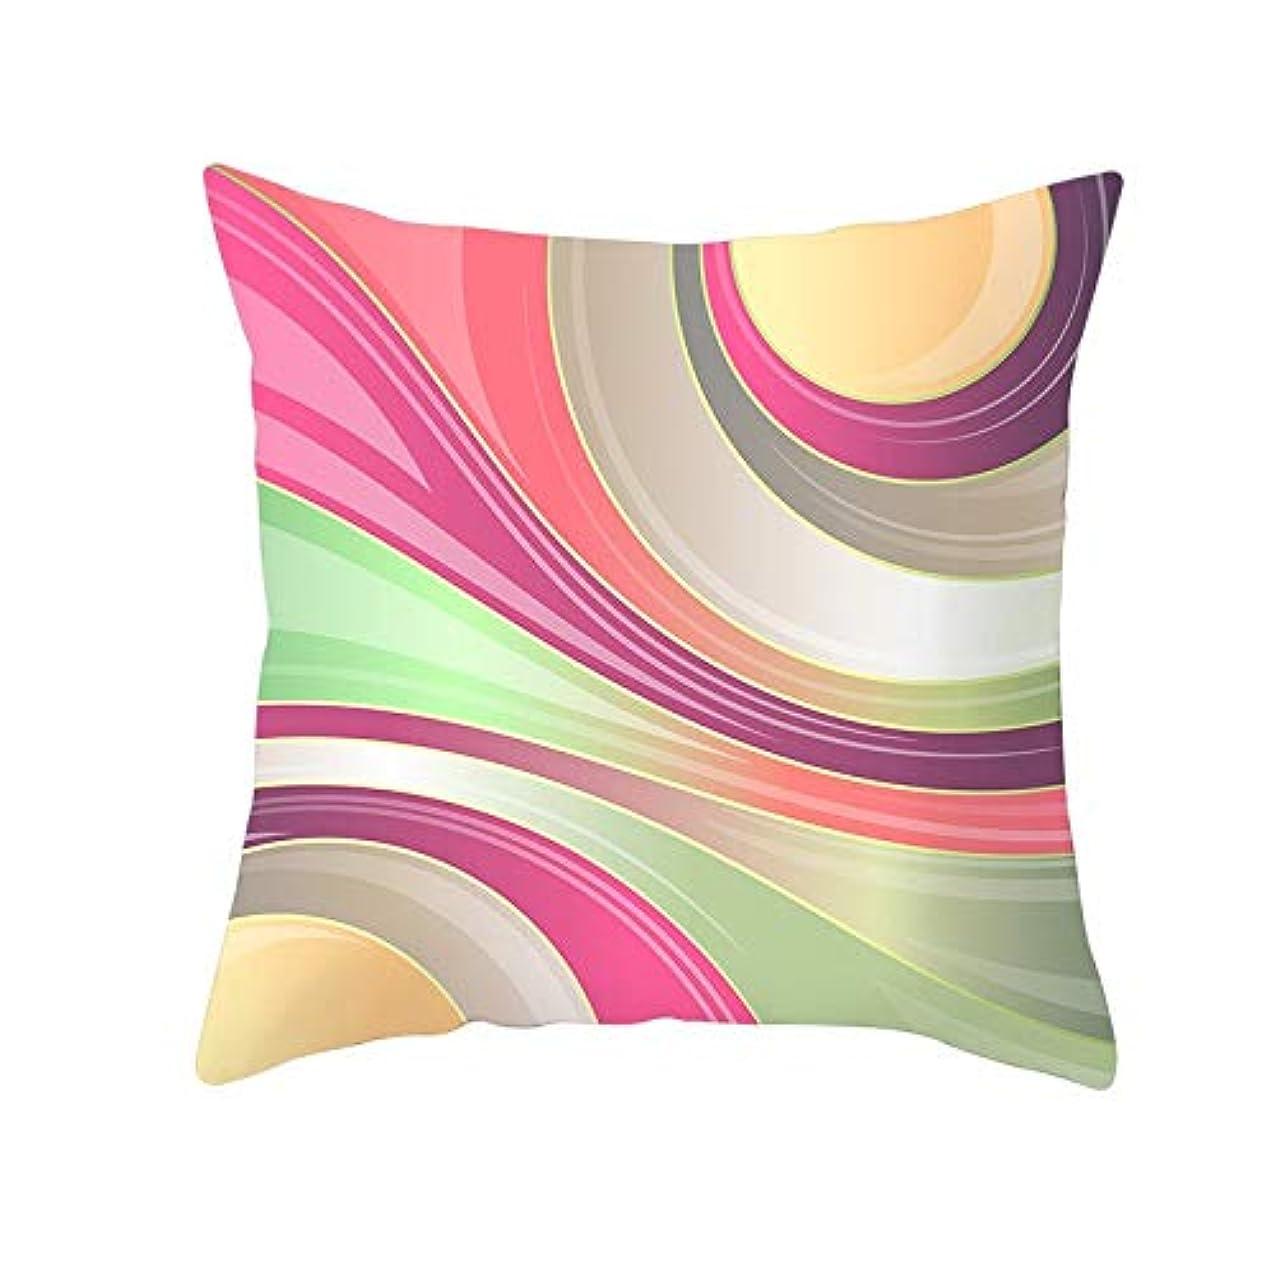 甘くする正当な大腿LIFE 装飾クッションソファ 幾何学プリントポリエステル正方形の枕ソファスロークッション家の装飾 coussin デ長椅子 クッション 椅子